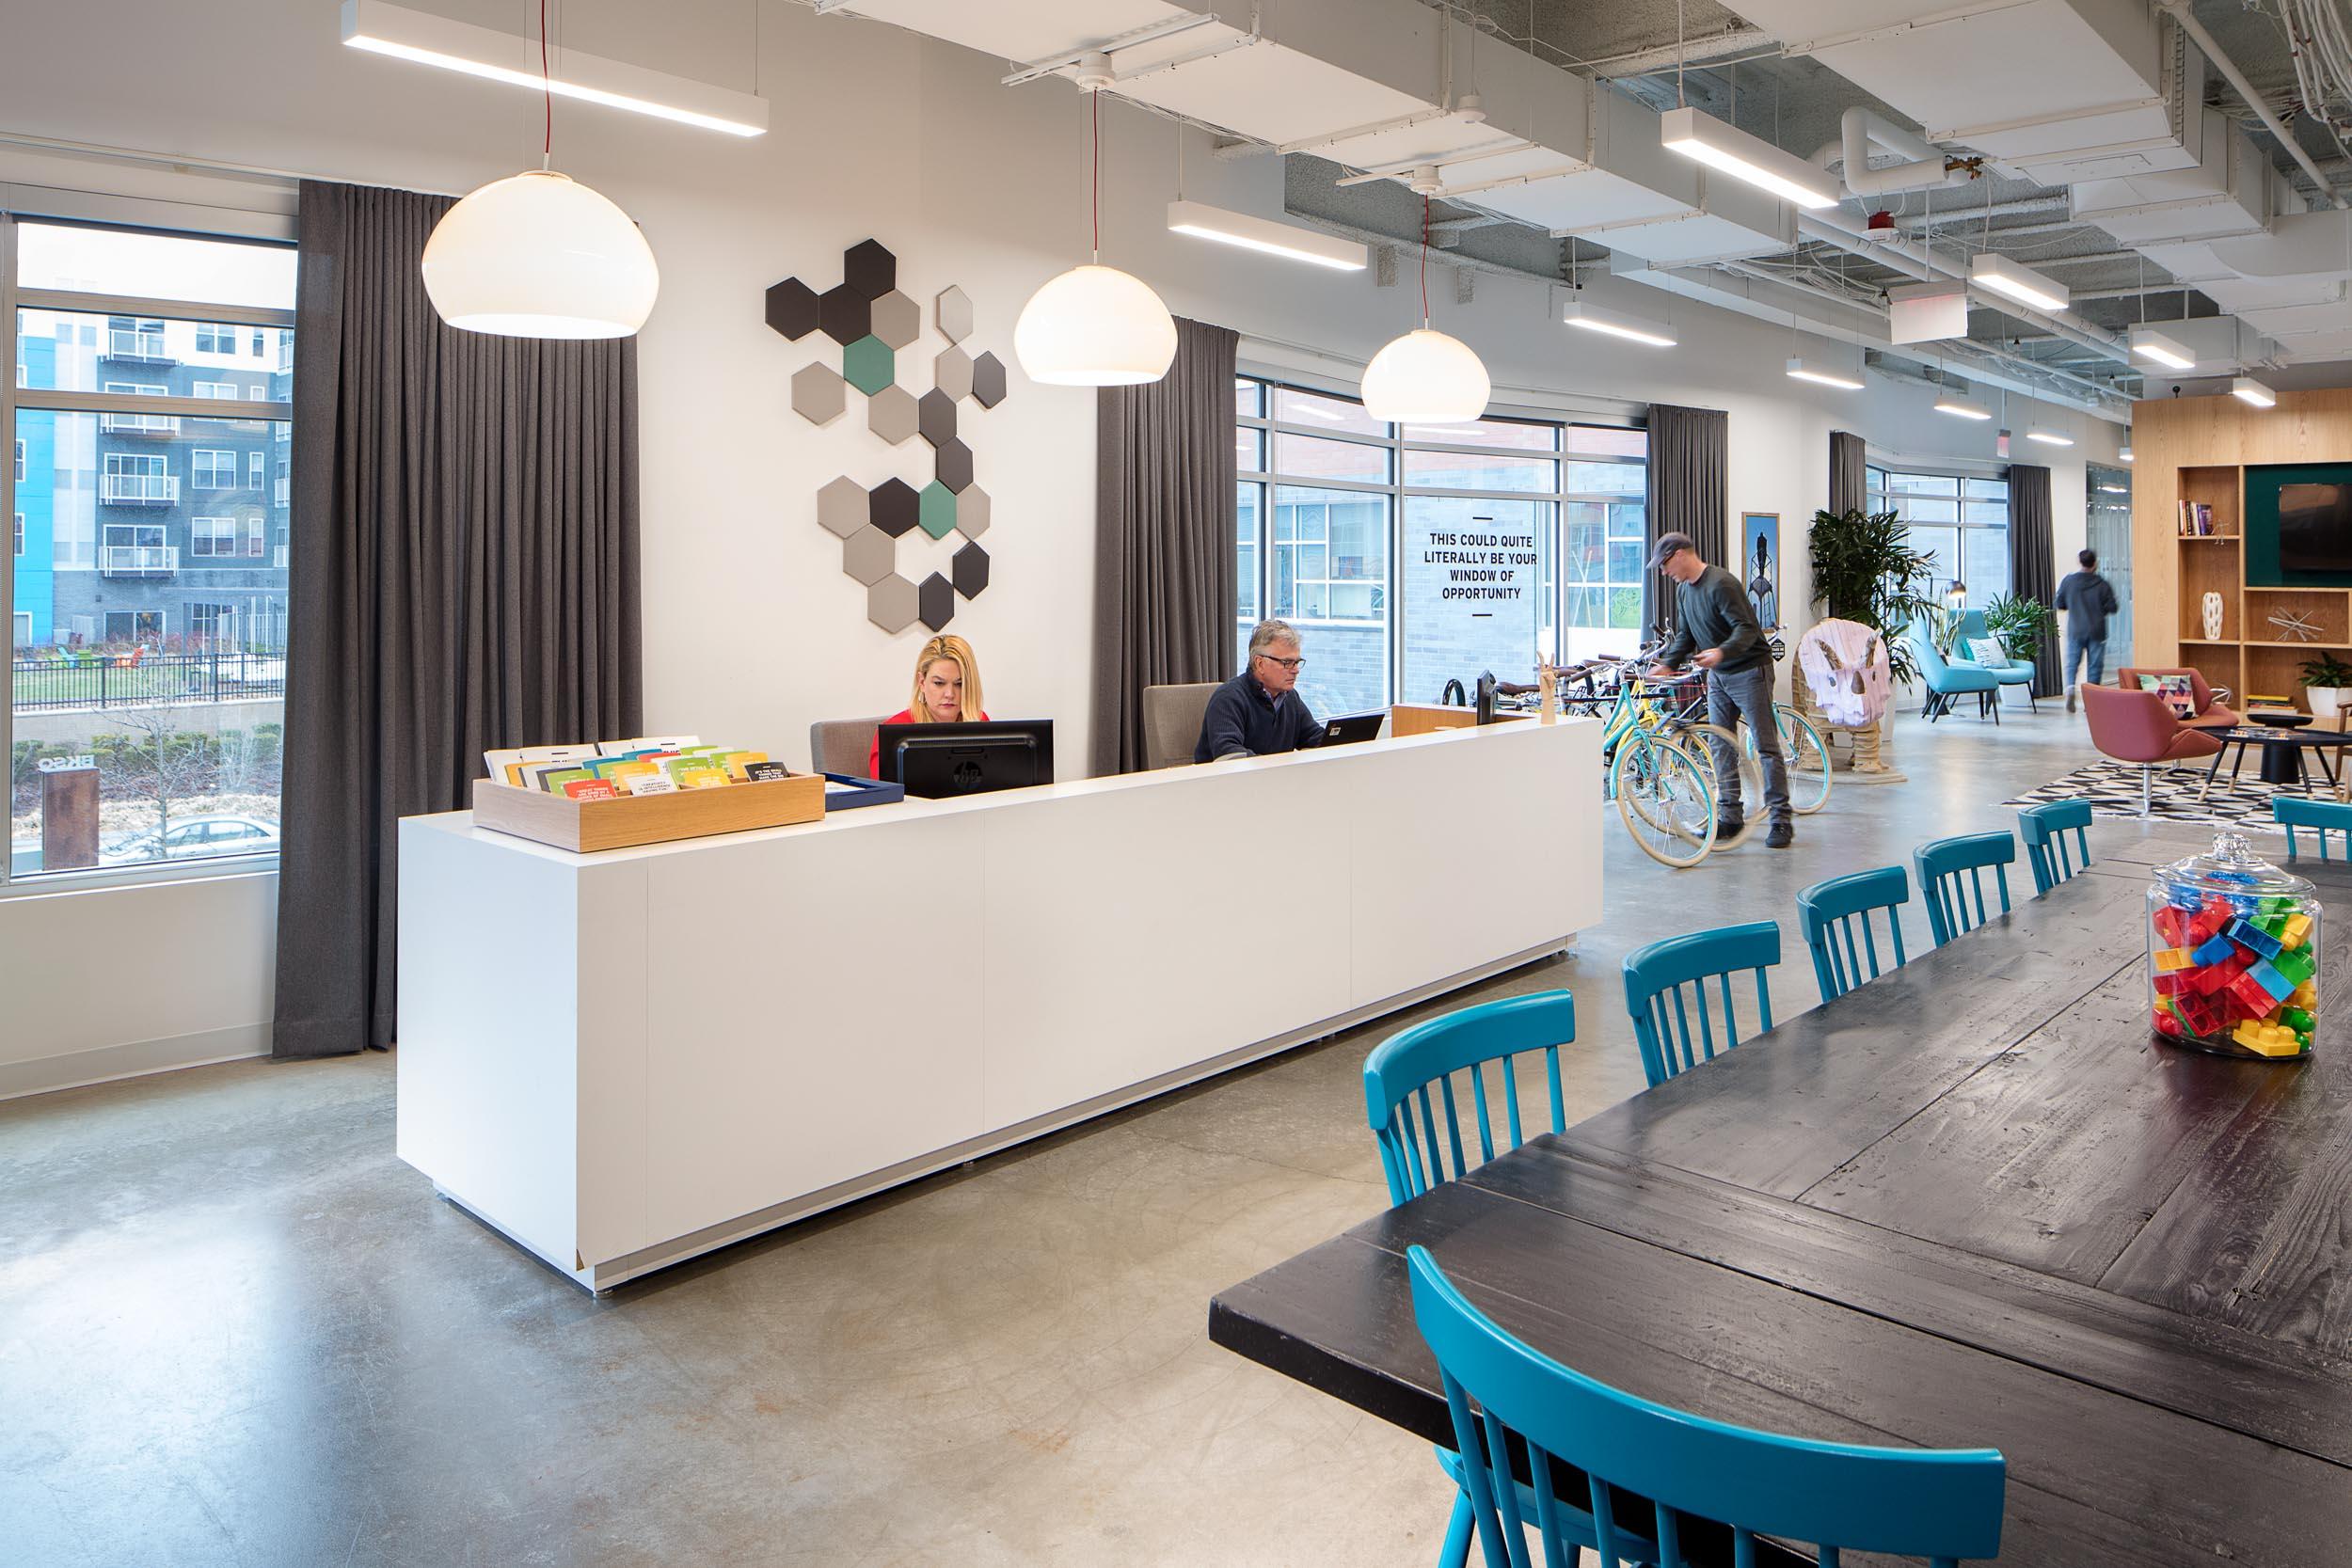 regus_spaces_office_workplace_coworking-10.jpg